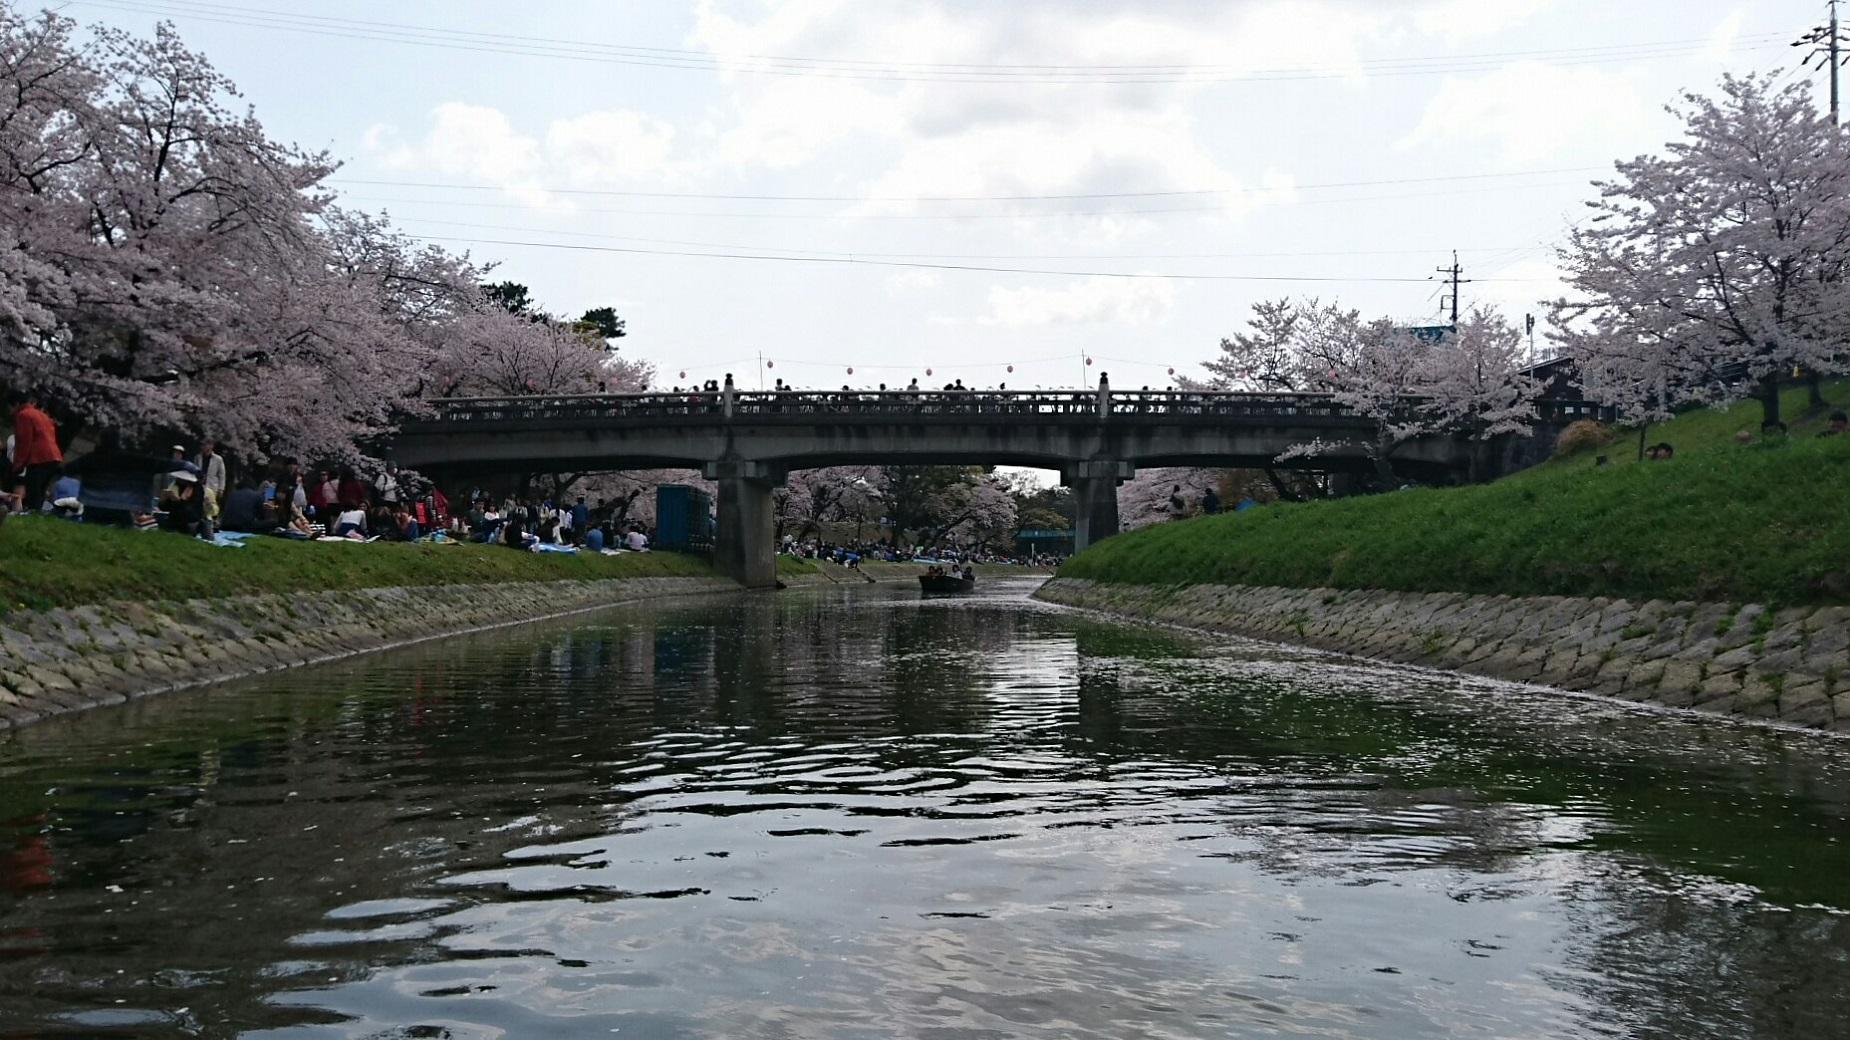 2018.3.31 岡崎ふなあそび (41) 伊賀川くだり - 竹千代橋 1850-1040